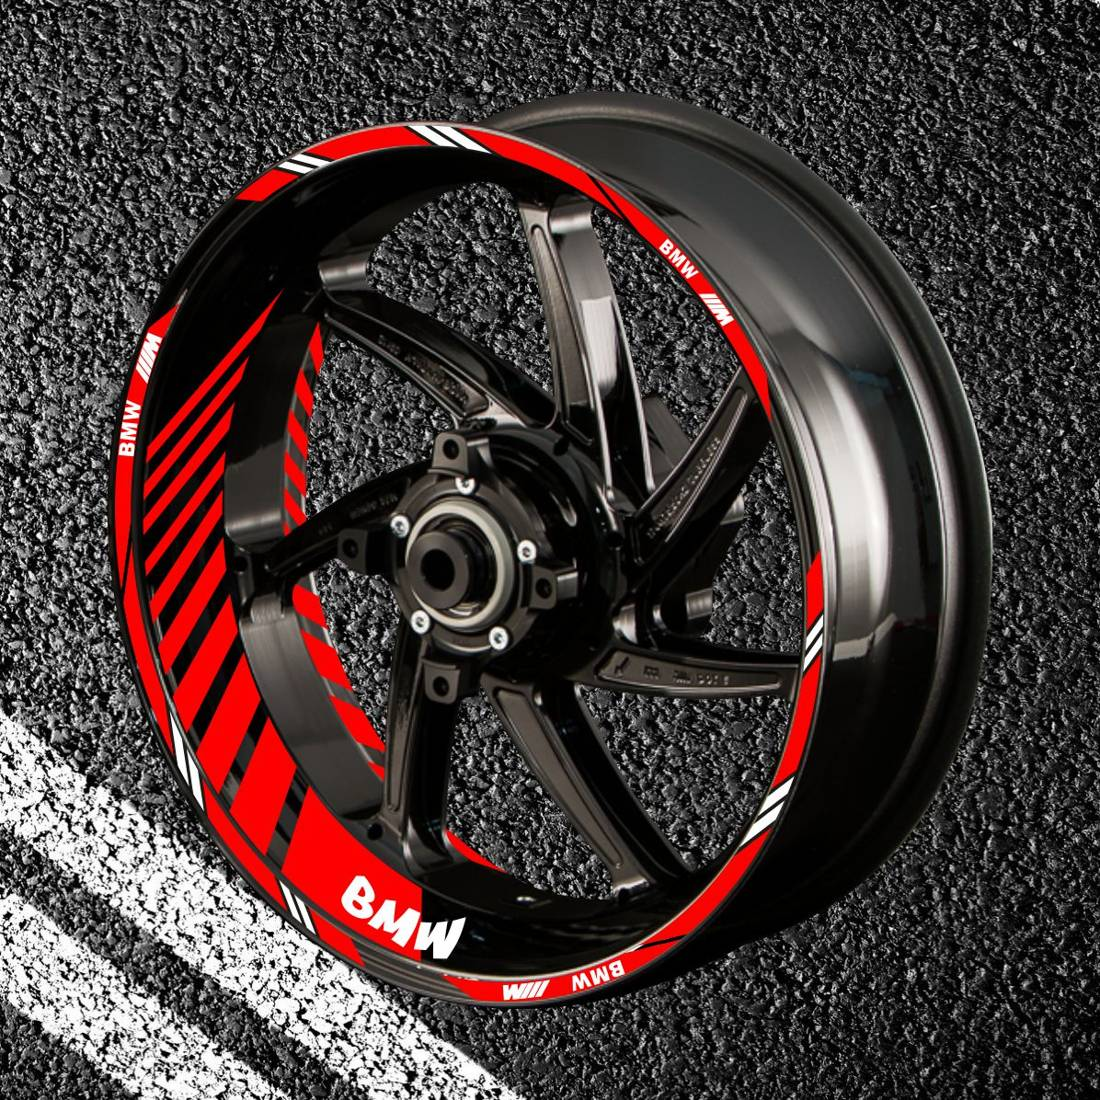 Комплект наклеек с полосами на колеса мотоцикла BMW